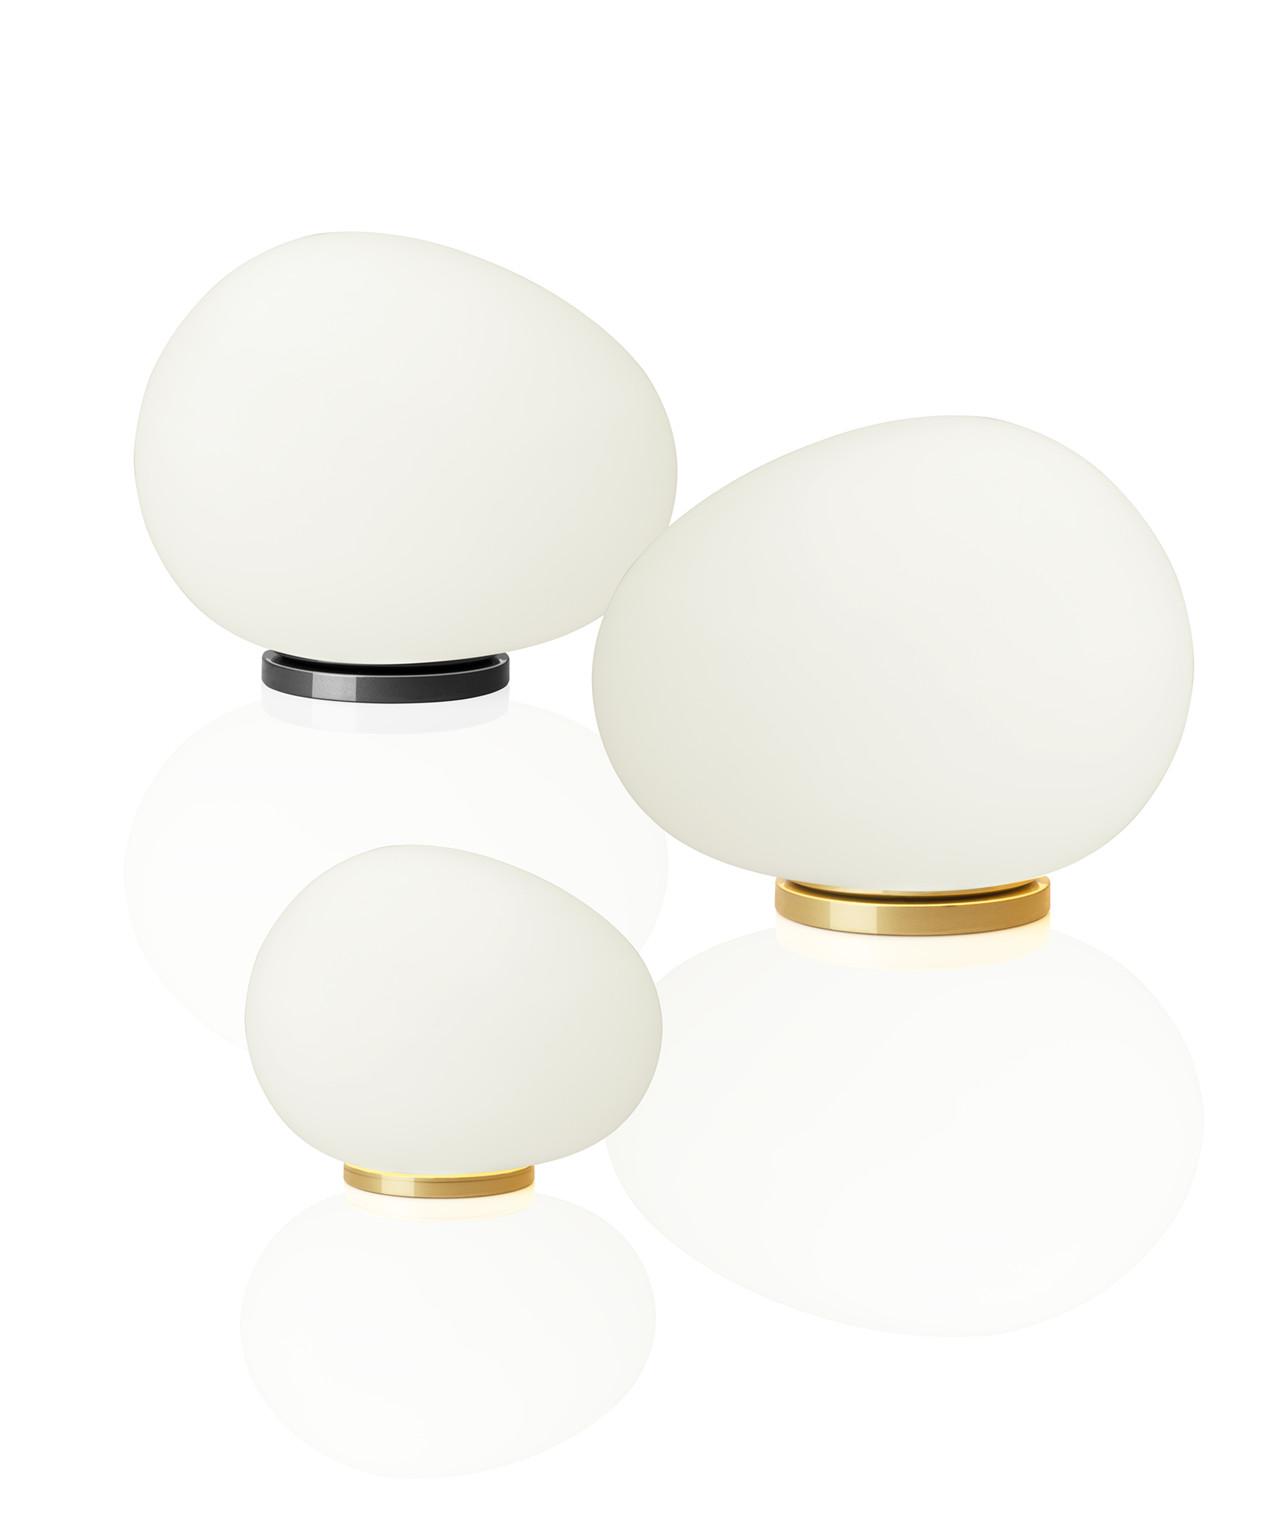 Gregg Be Colour Midi Bordlampe Graphite/White Foscarini